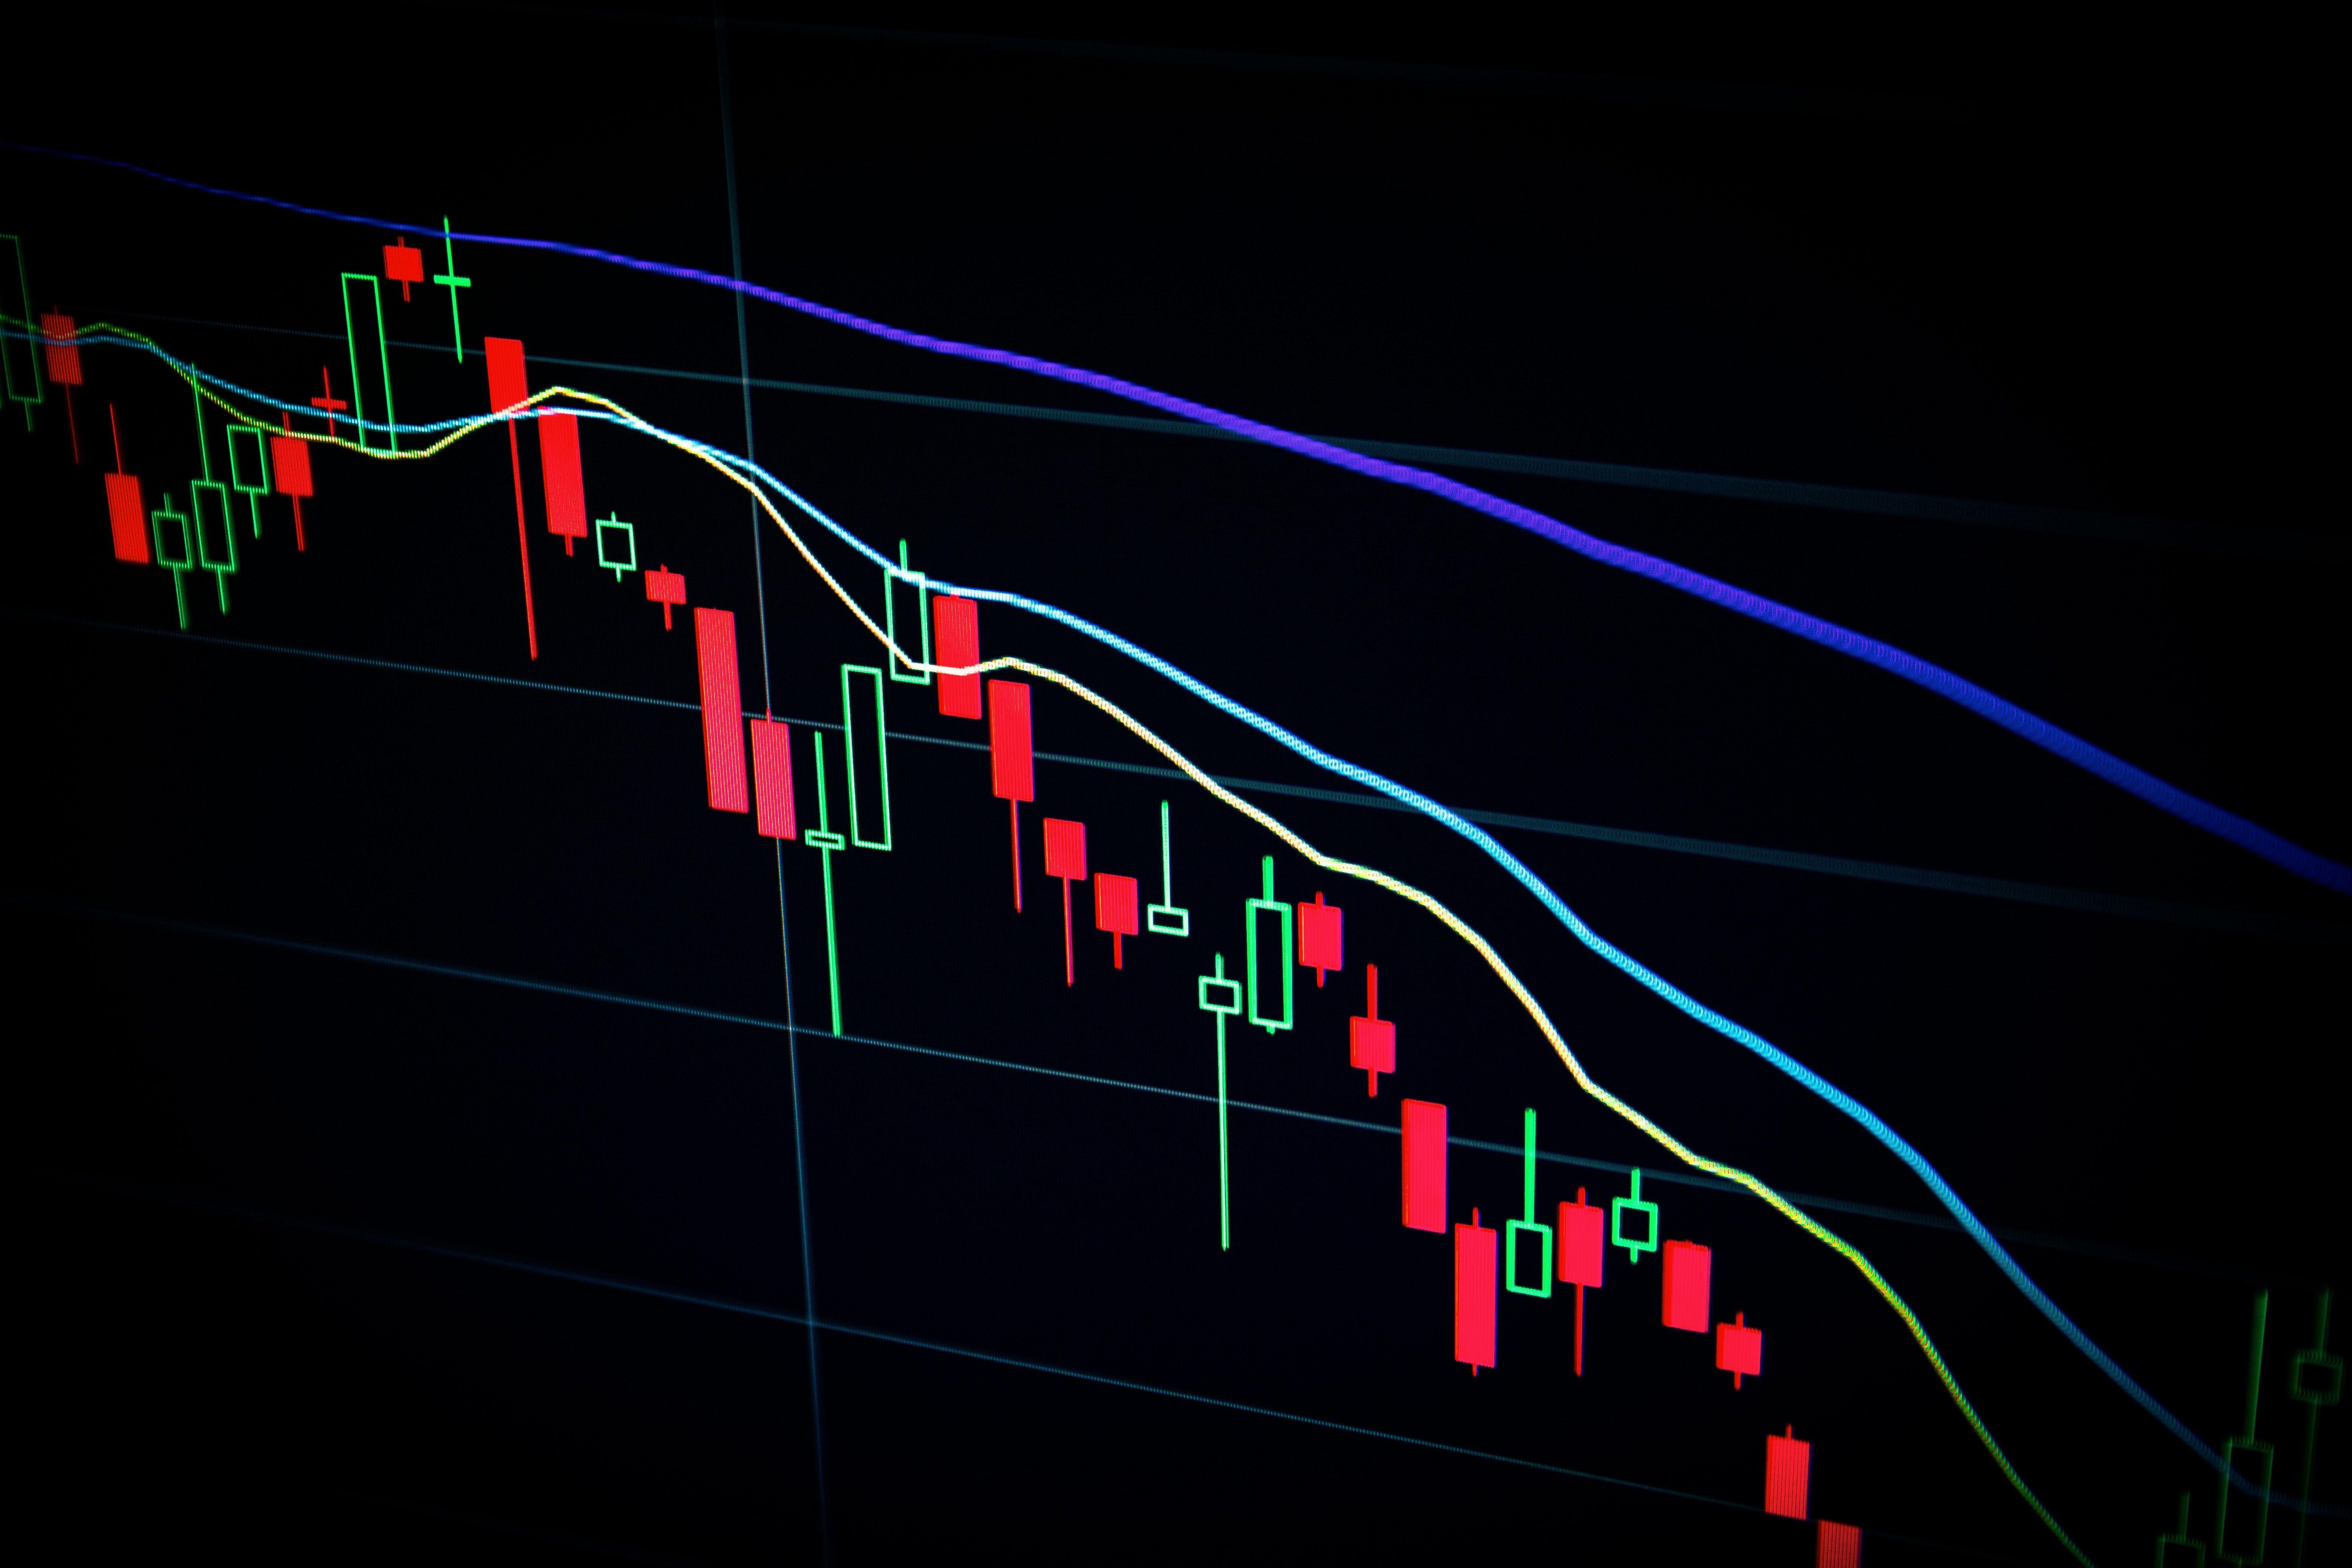 نمودار قیمت بازار بورس